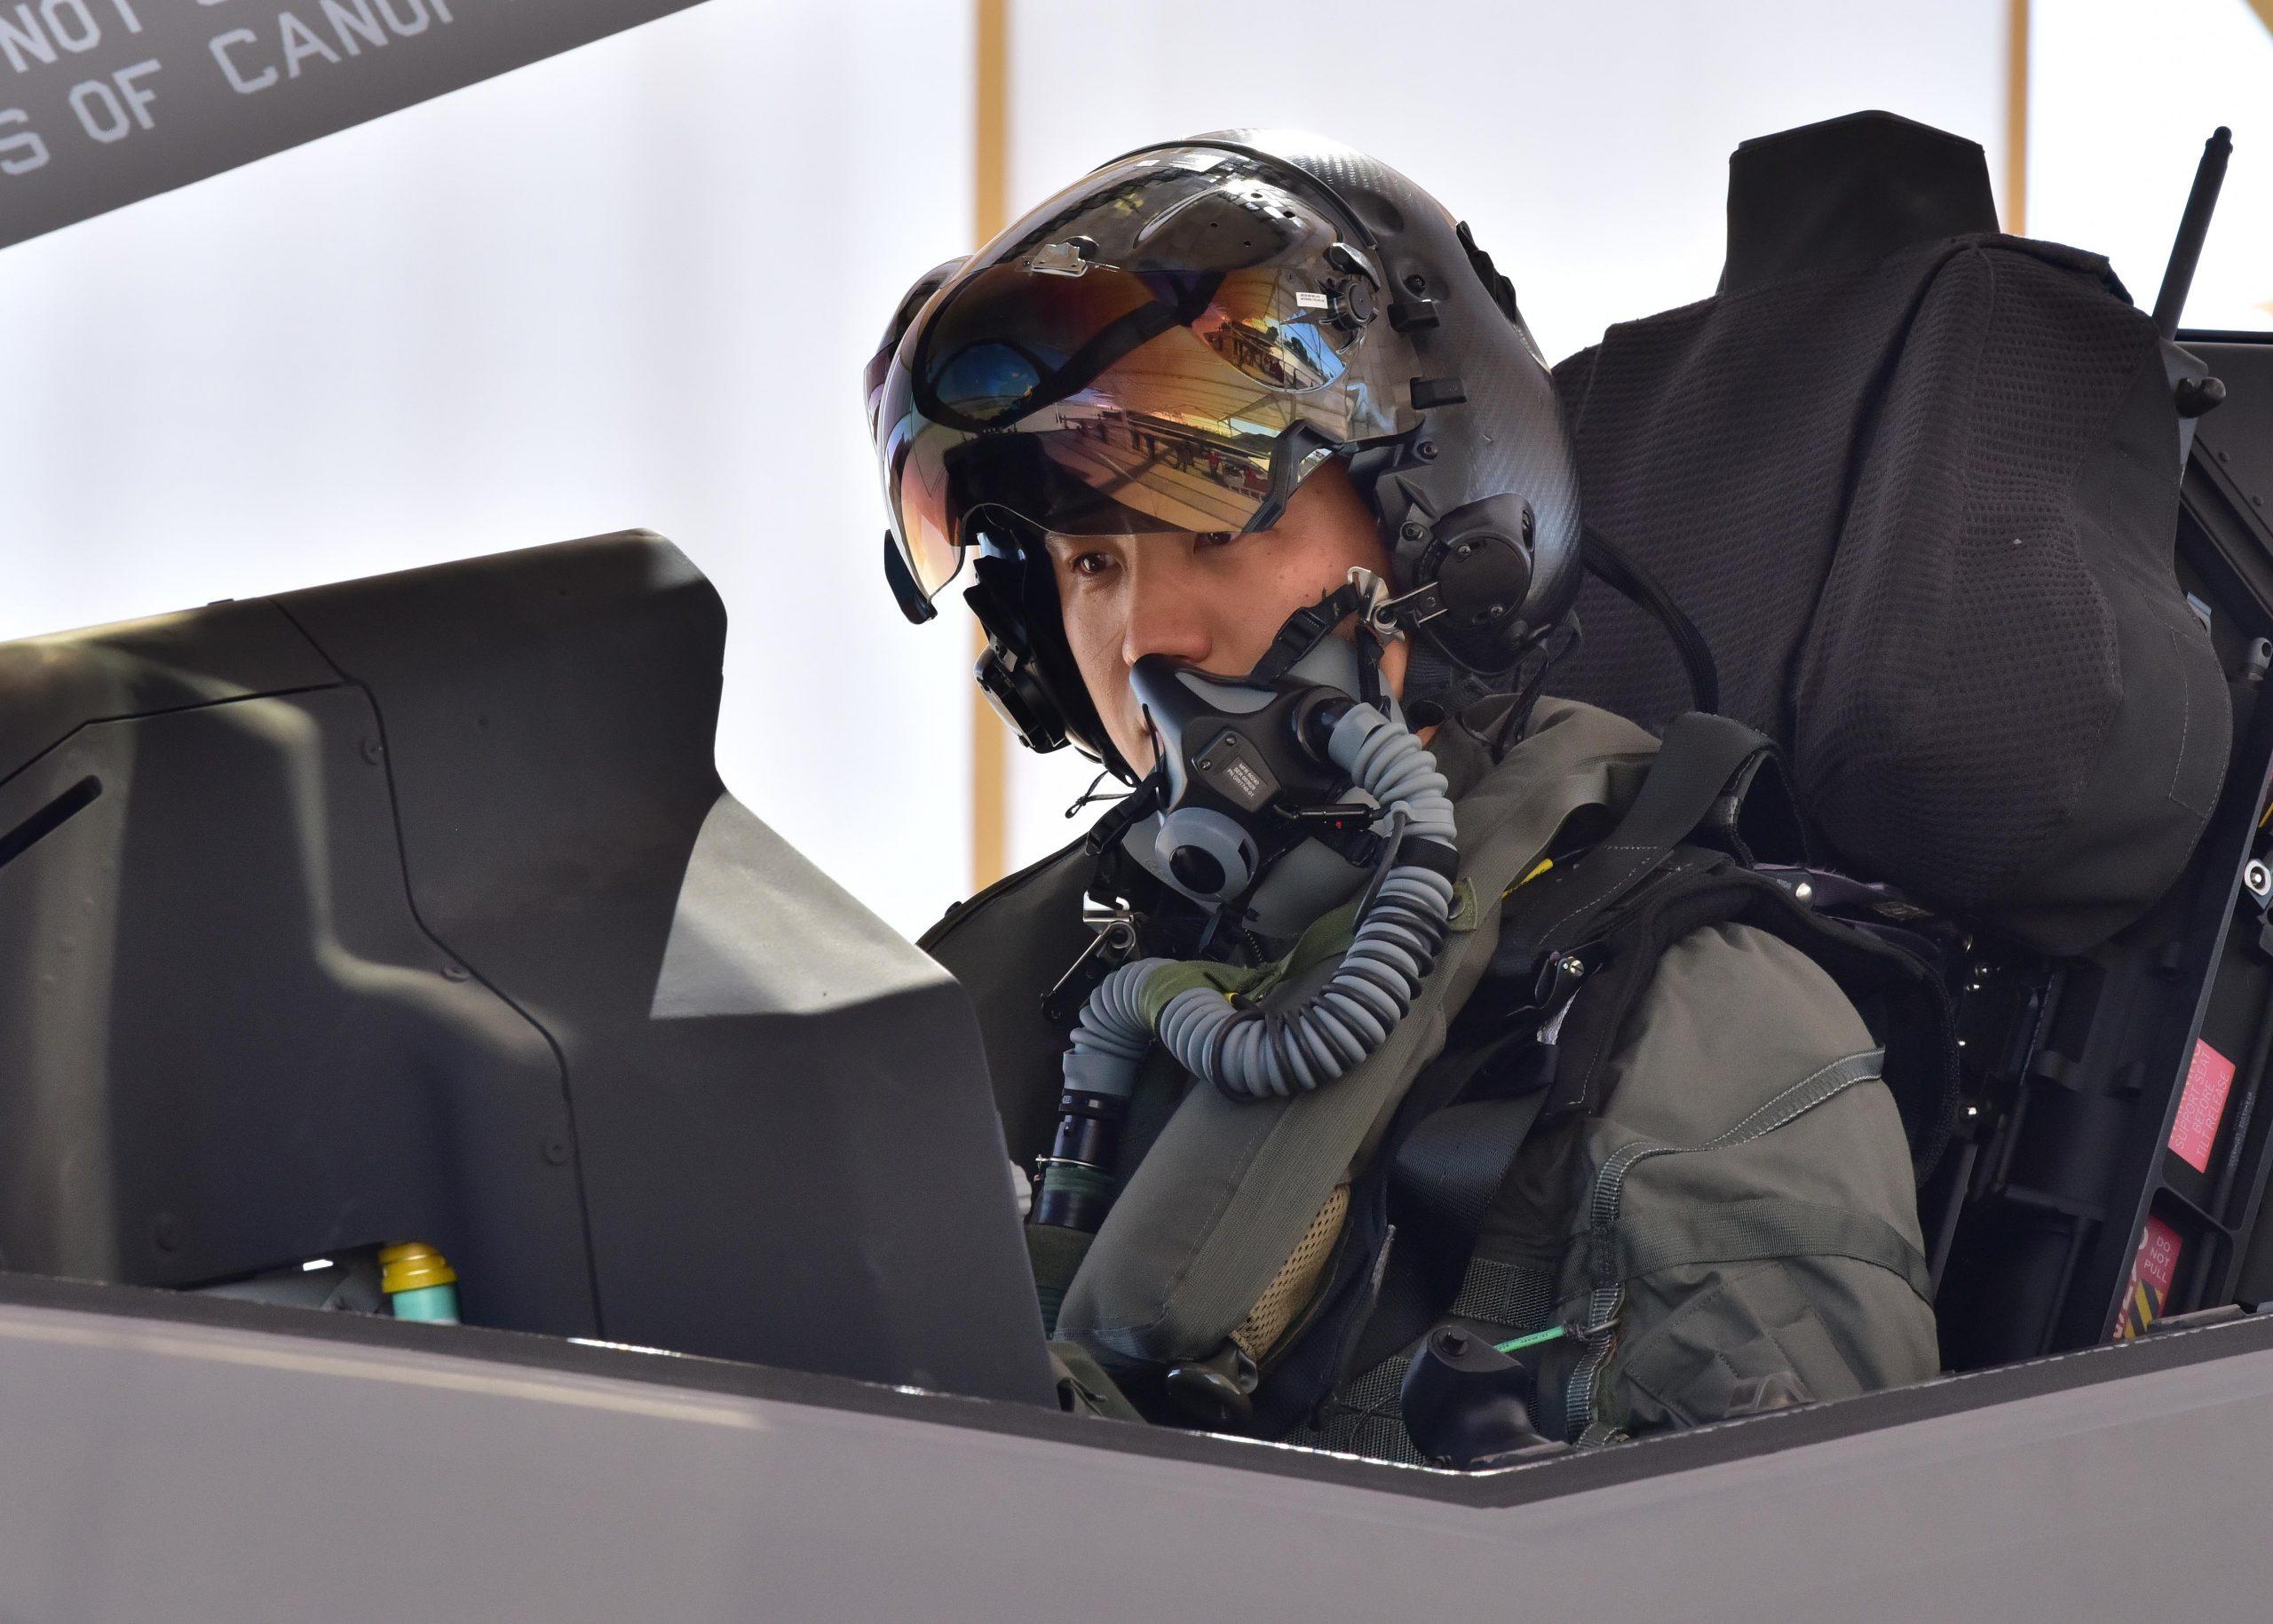 Korea Air Force F-35A pilot